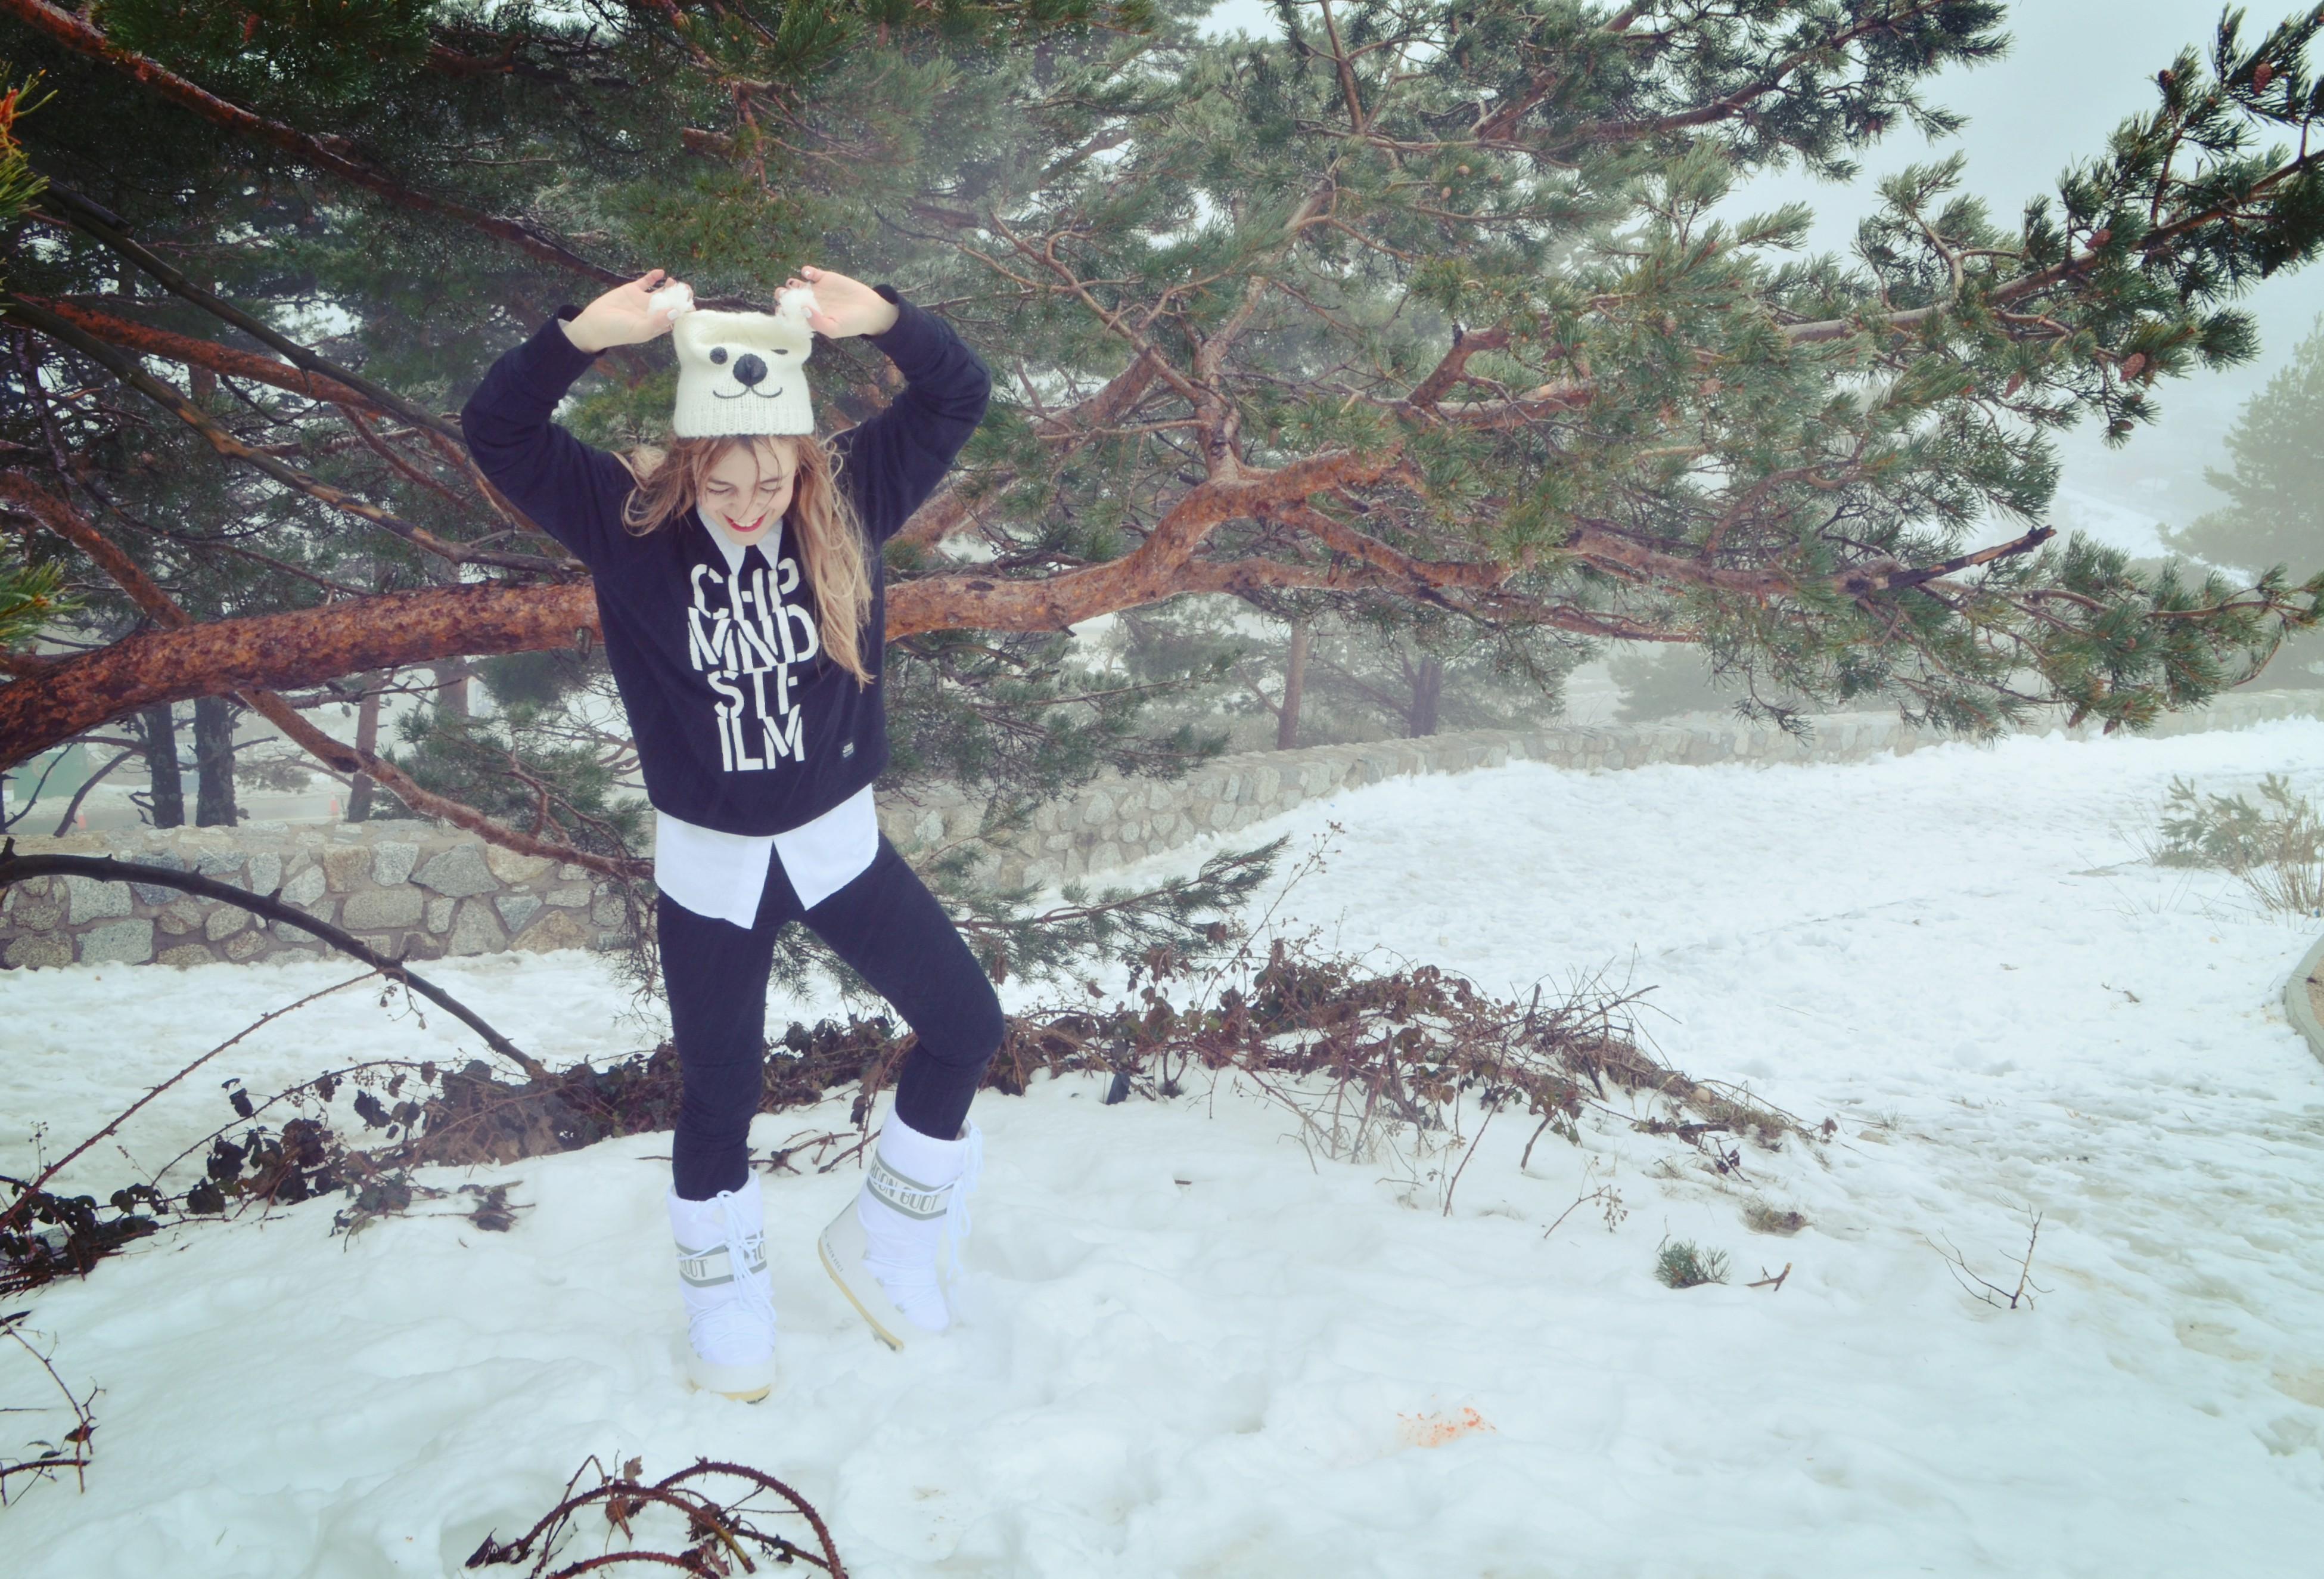 Blog-de-moda-ChicAdicta-botas-de-nieve-moon-boot-fashionista-Chic-Adicta-look-blanco-y-negro-snow-outfit-PiensaenChic-Piensa-en-Chic